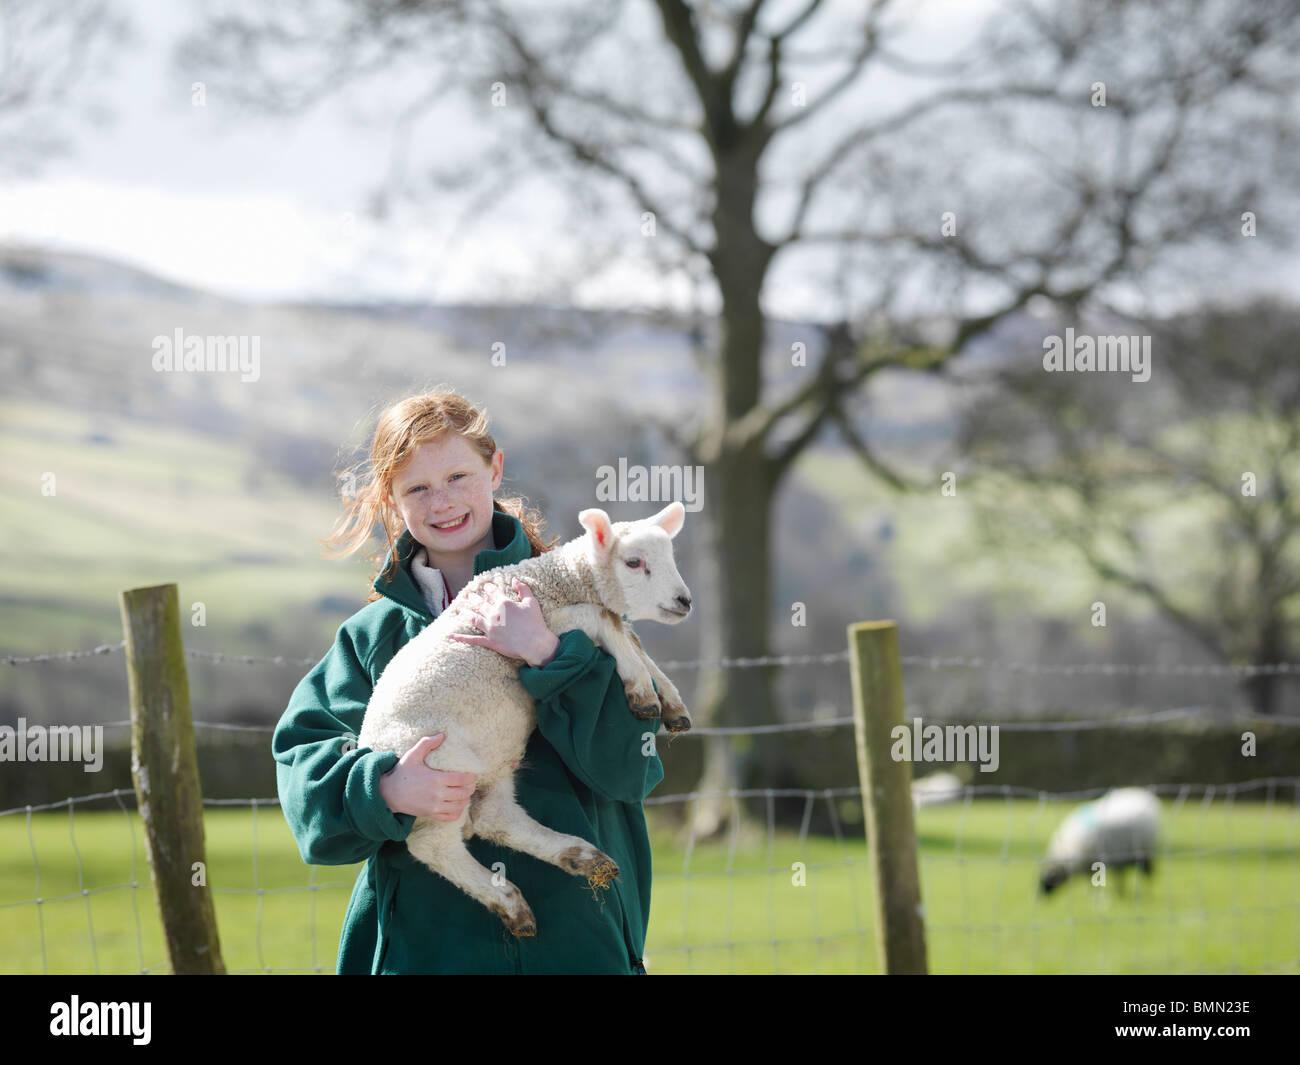 Child holding lamb smiling Photo Stock